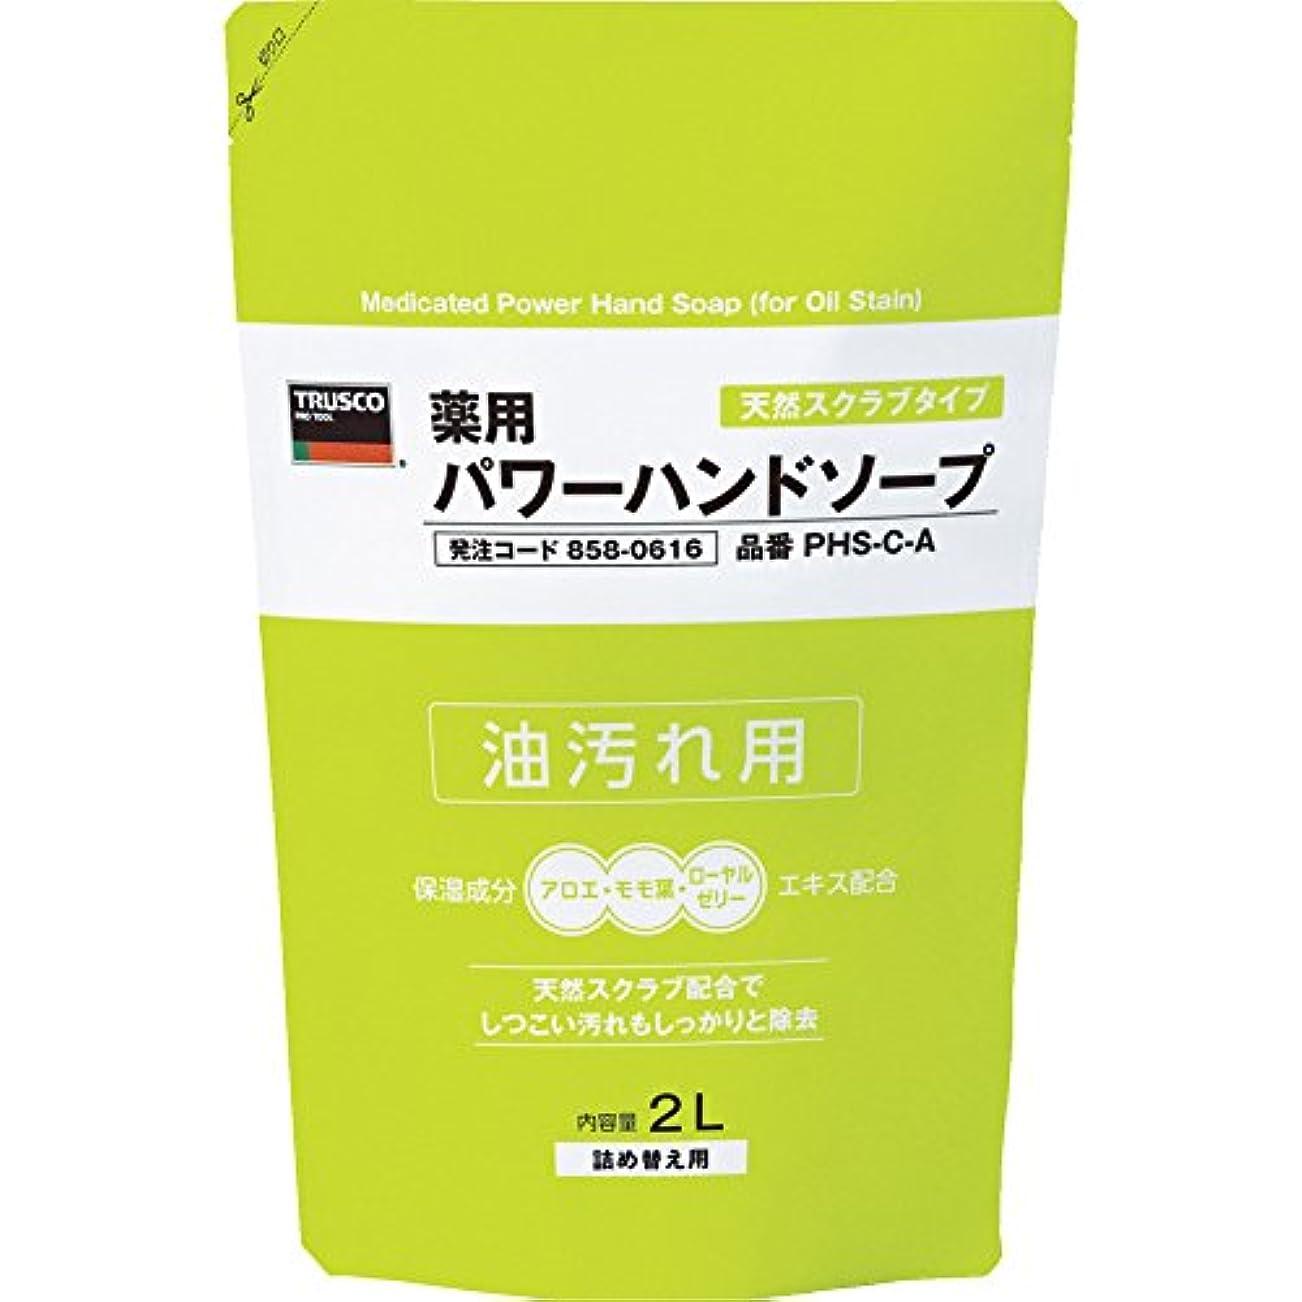 伝説担当者お風呂TRUSCO(トラスコ) 薬用パワーハンドソープ 詰替パック 2.0L PHS-C-A